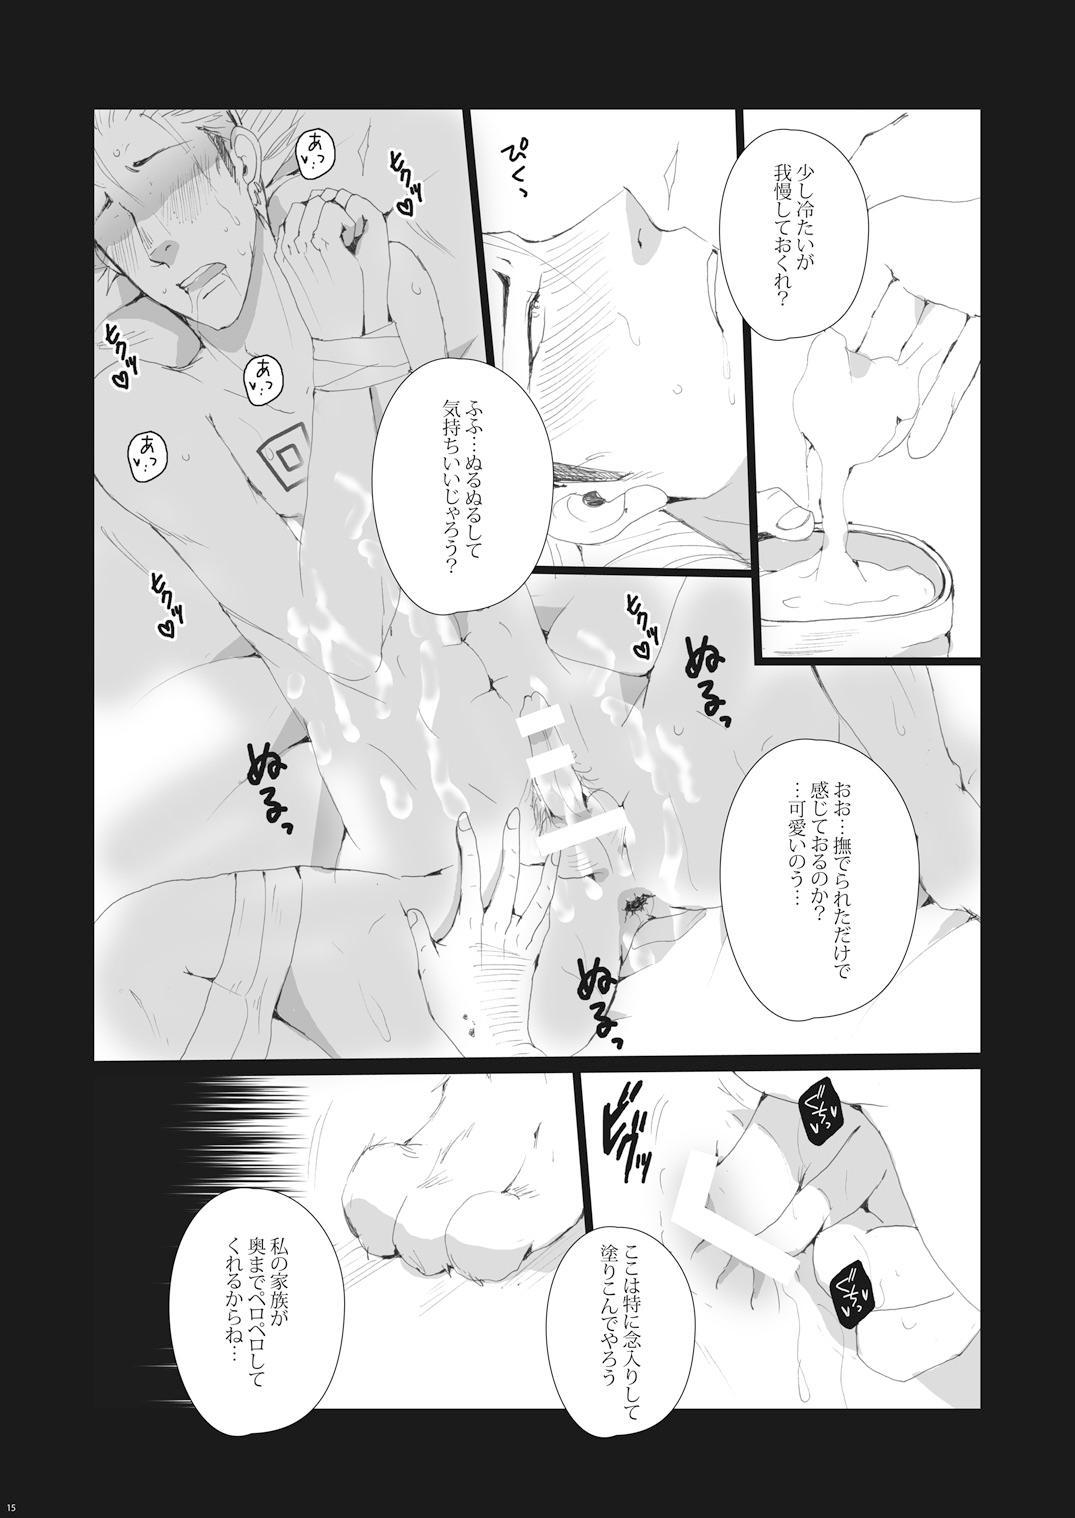 b_0017_uka_P15out